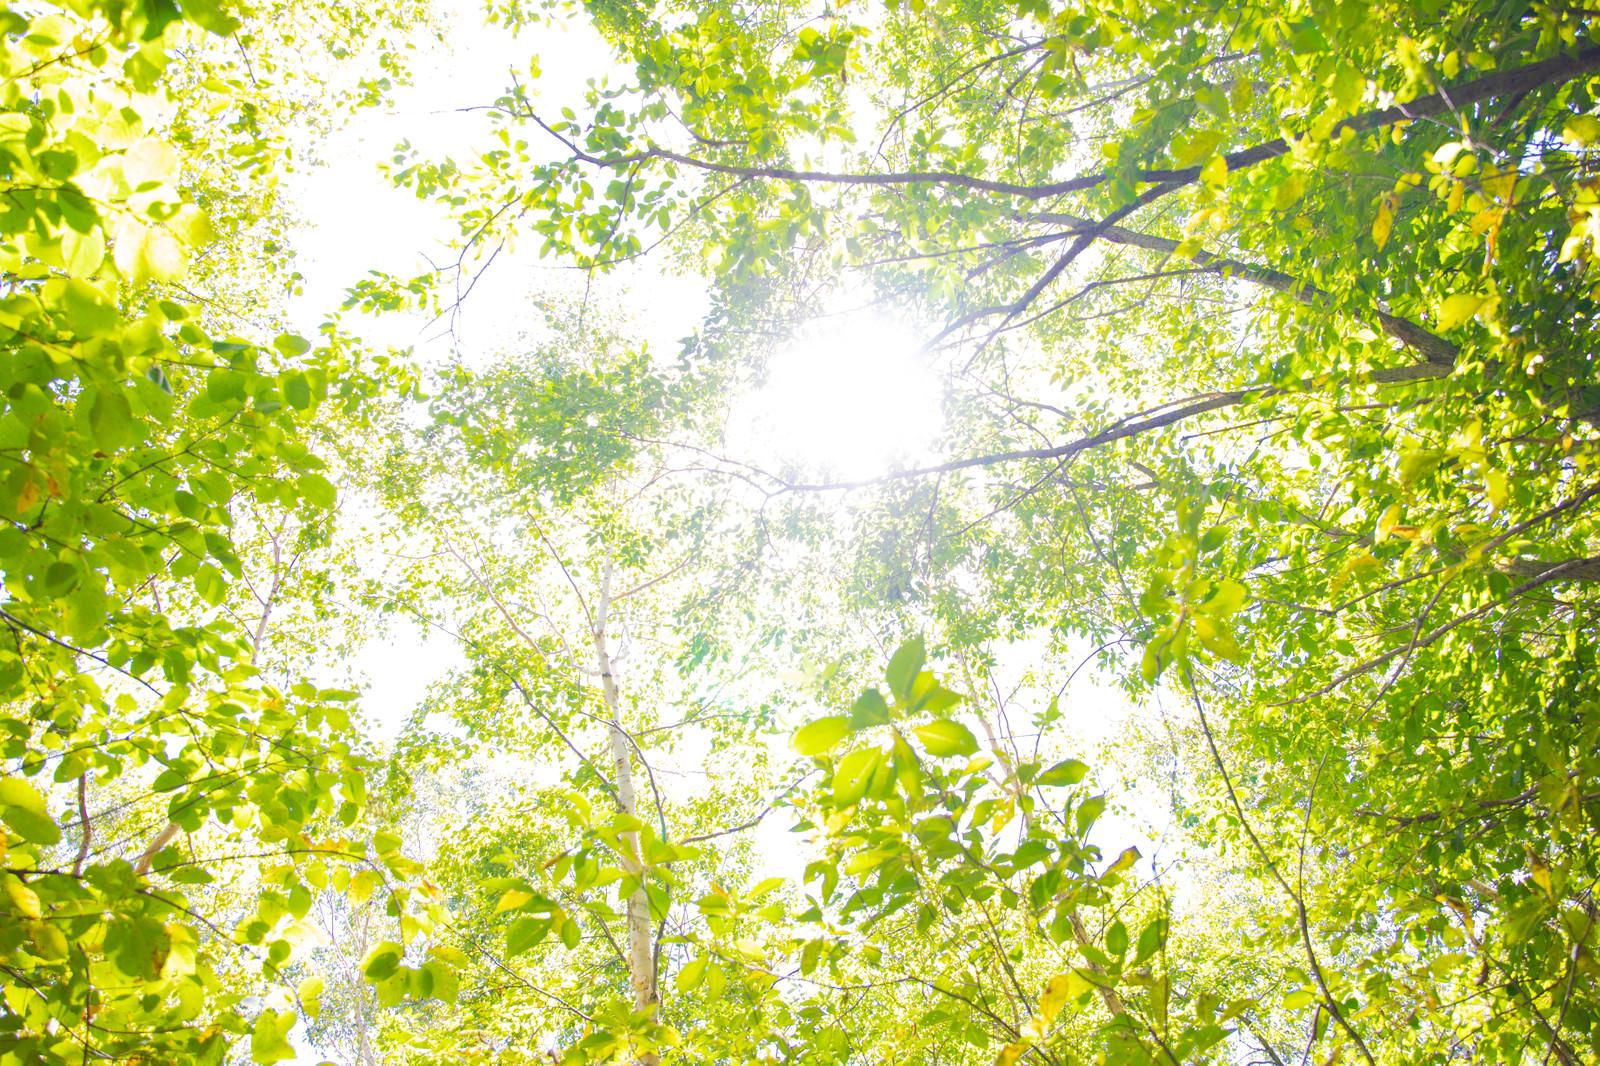 「新緑の木漏れ日」